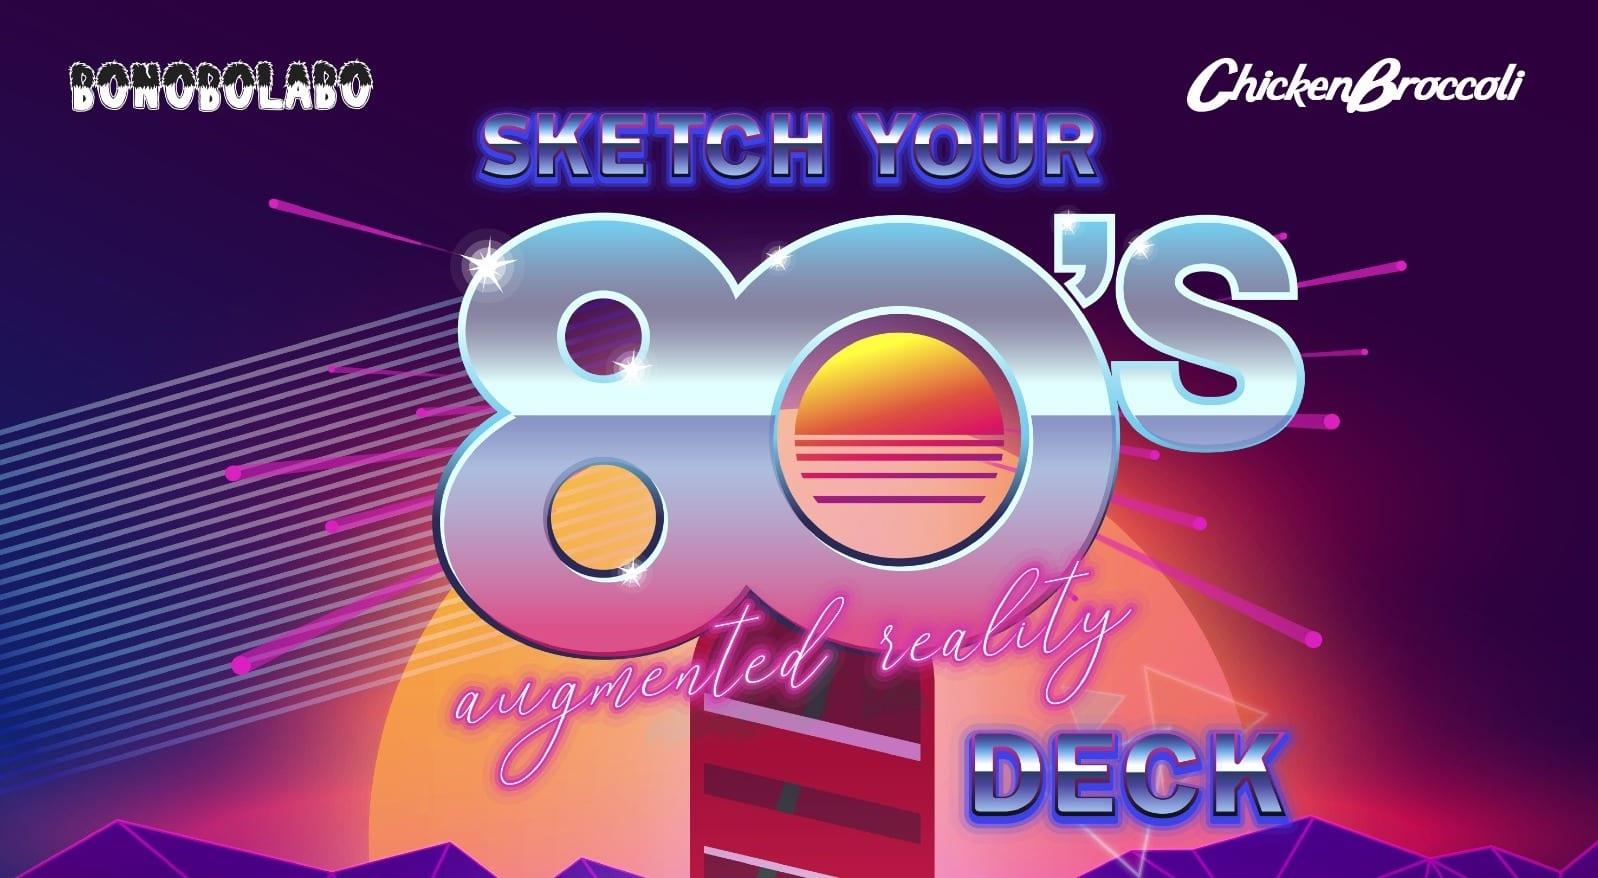 Sketch Your Deck: il concorso per la migliore tavola da skate ispirata alla pop culture degli anni '80